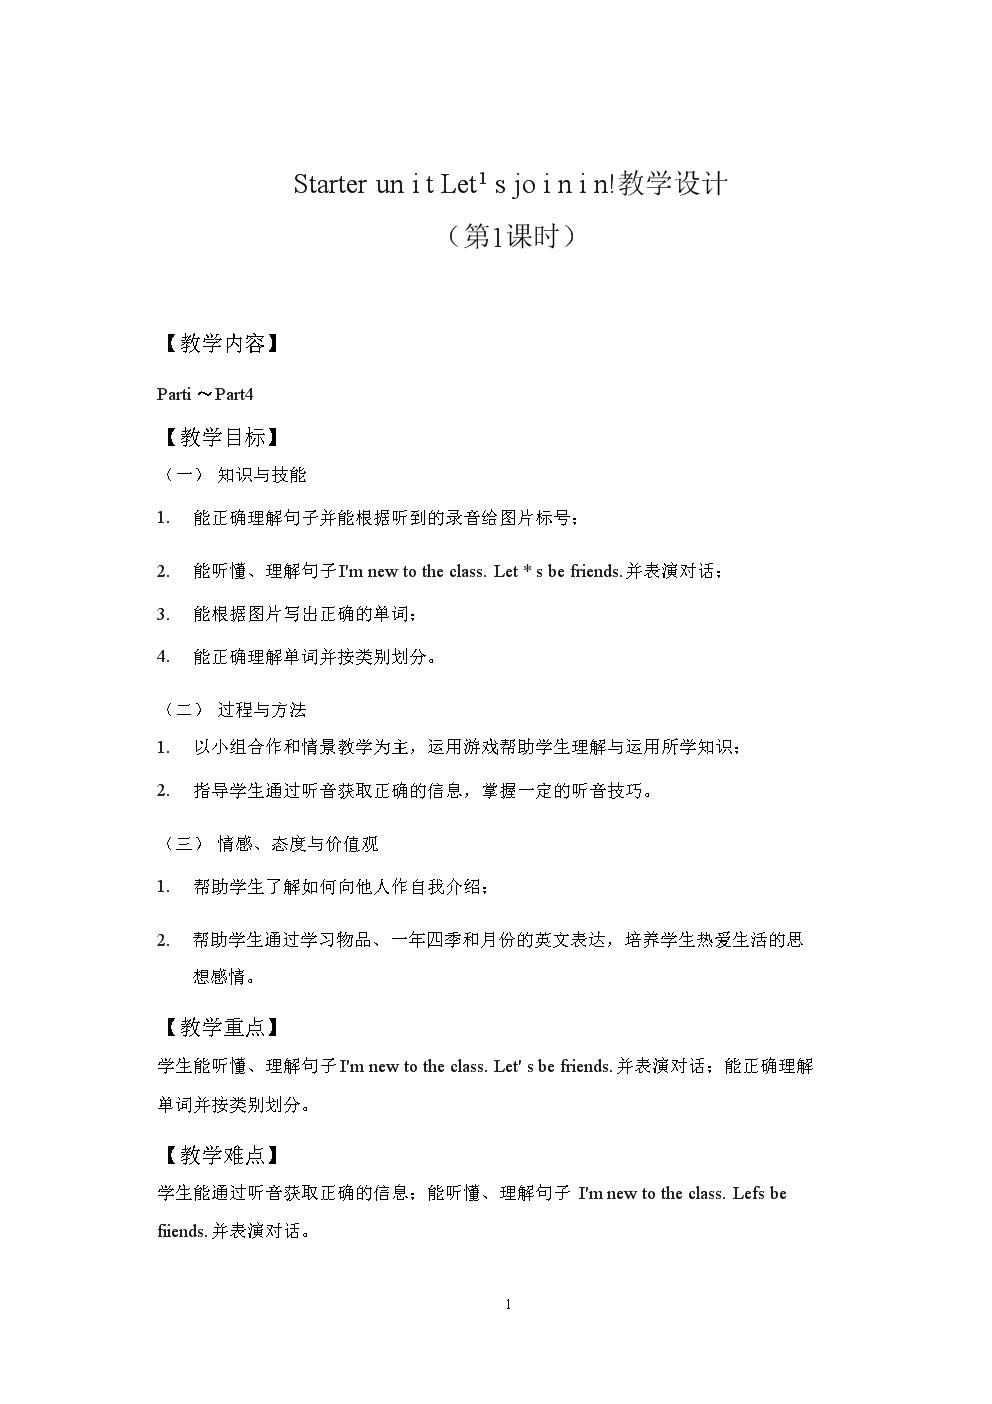 外研社Join-in小学四年级下册教案全册.docx